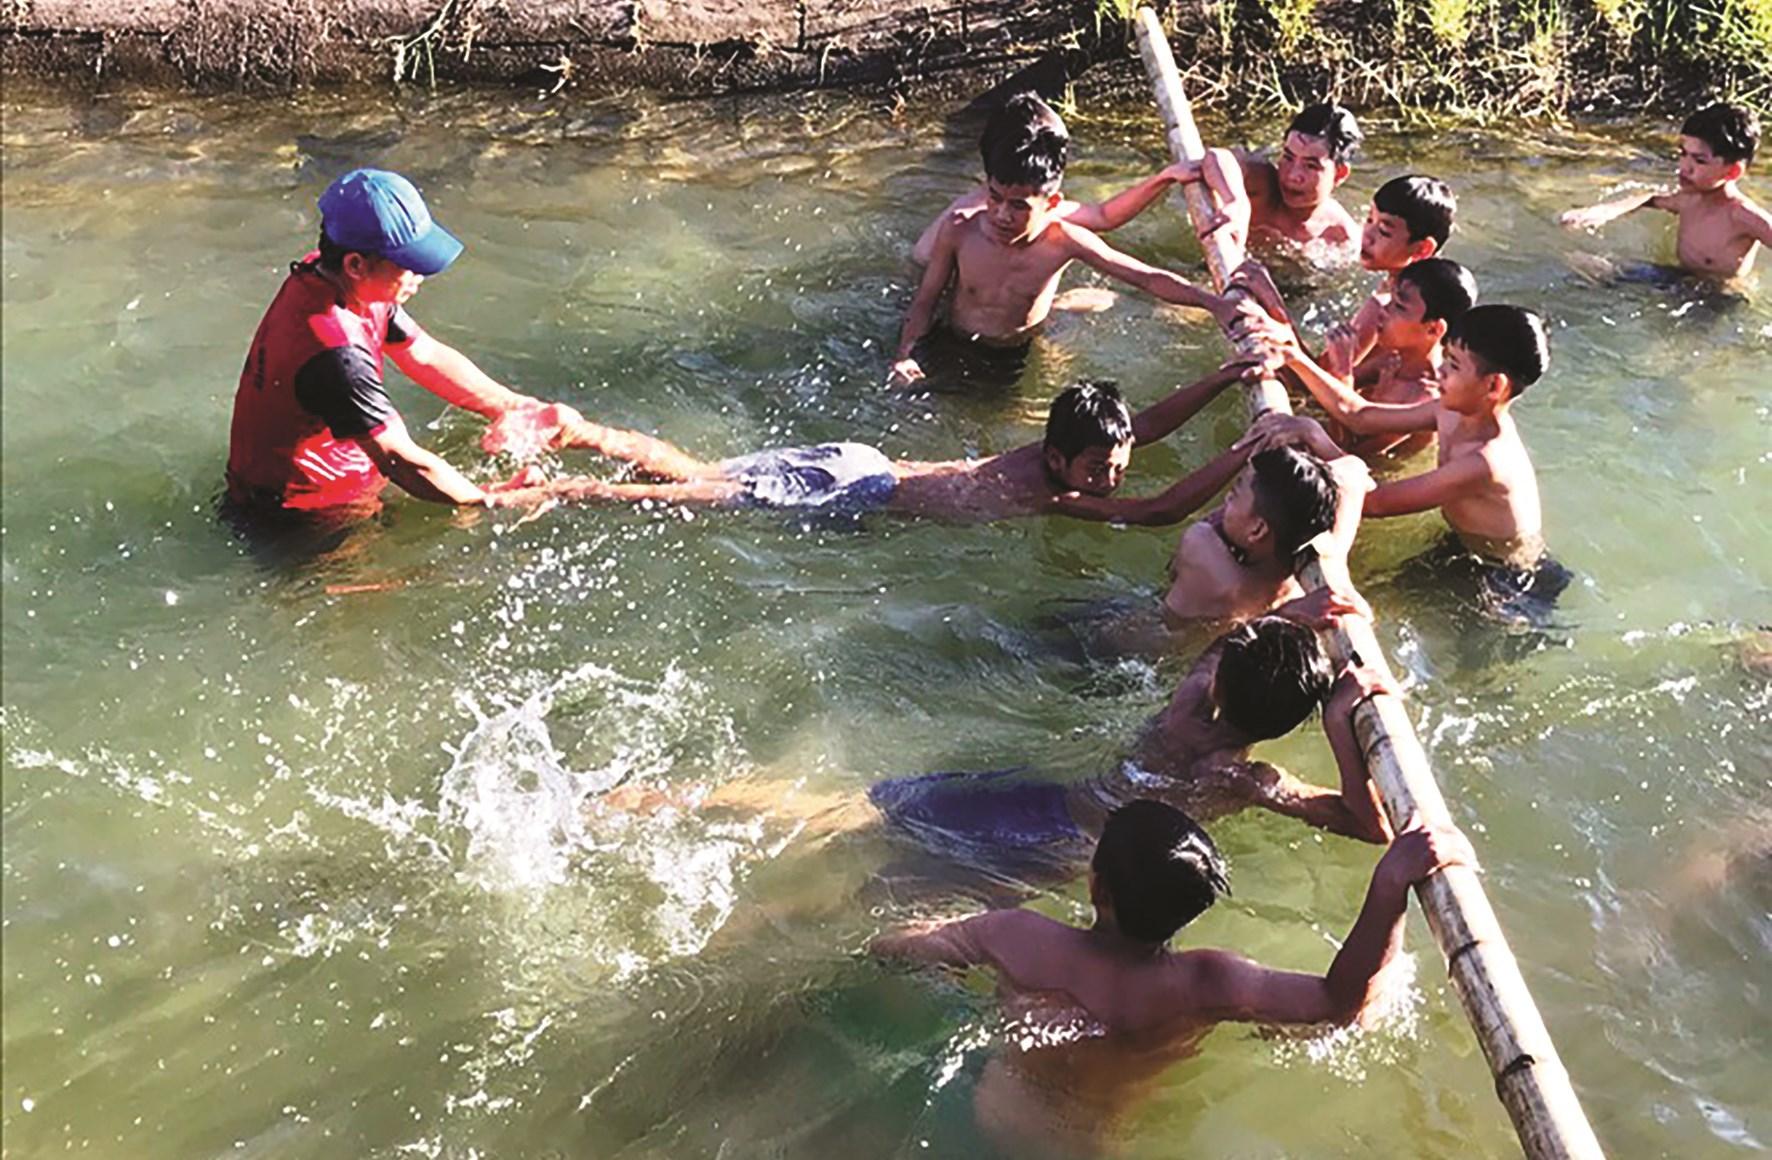 """Mô hình """"Ngăn đê dạy bơi miễn phí cho đội viên thiếu nhi"""" của Đoàn cơ sở xã Hải Hưng, huyện Hải Lăng, Quảng Trị (Ảnh Internet)"""